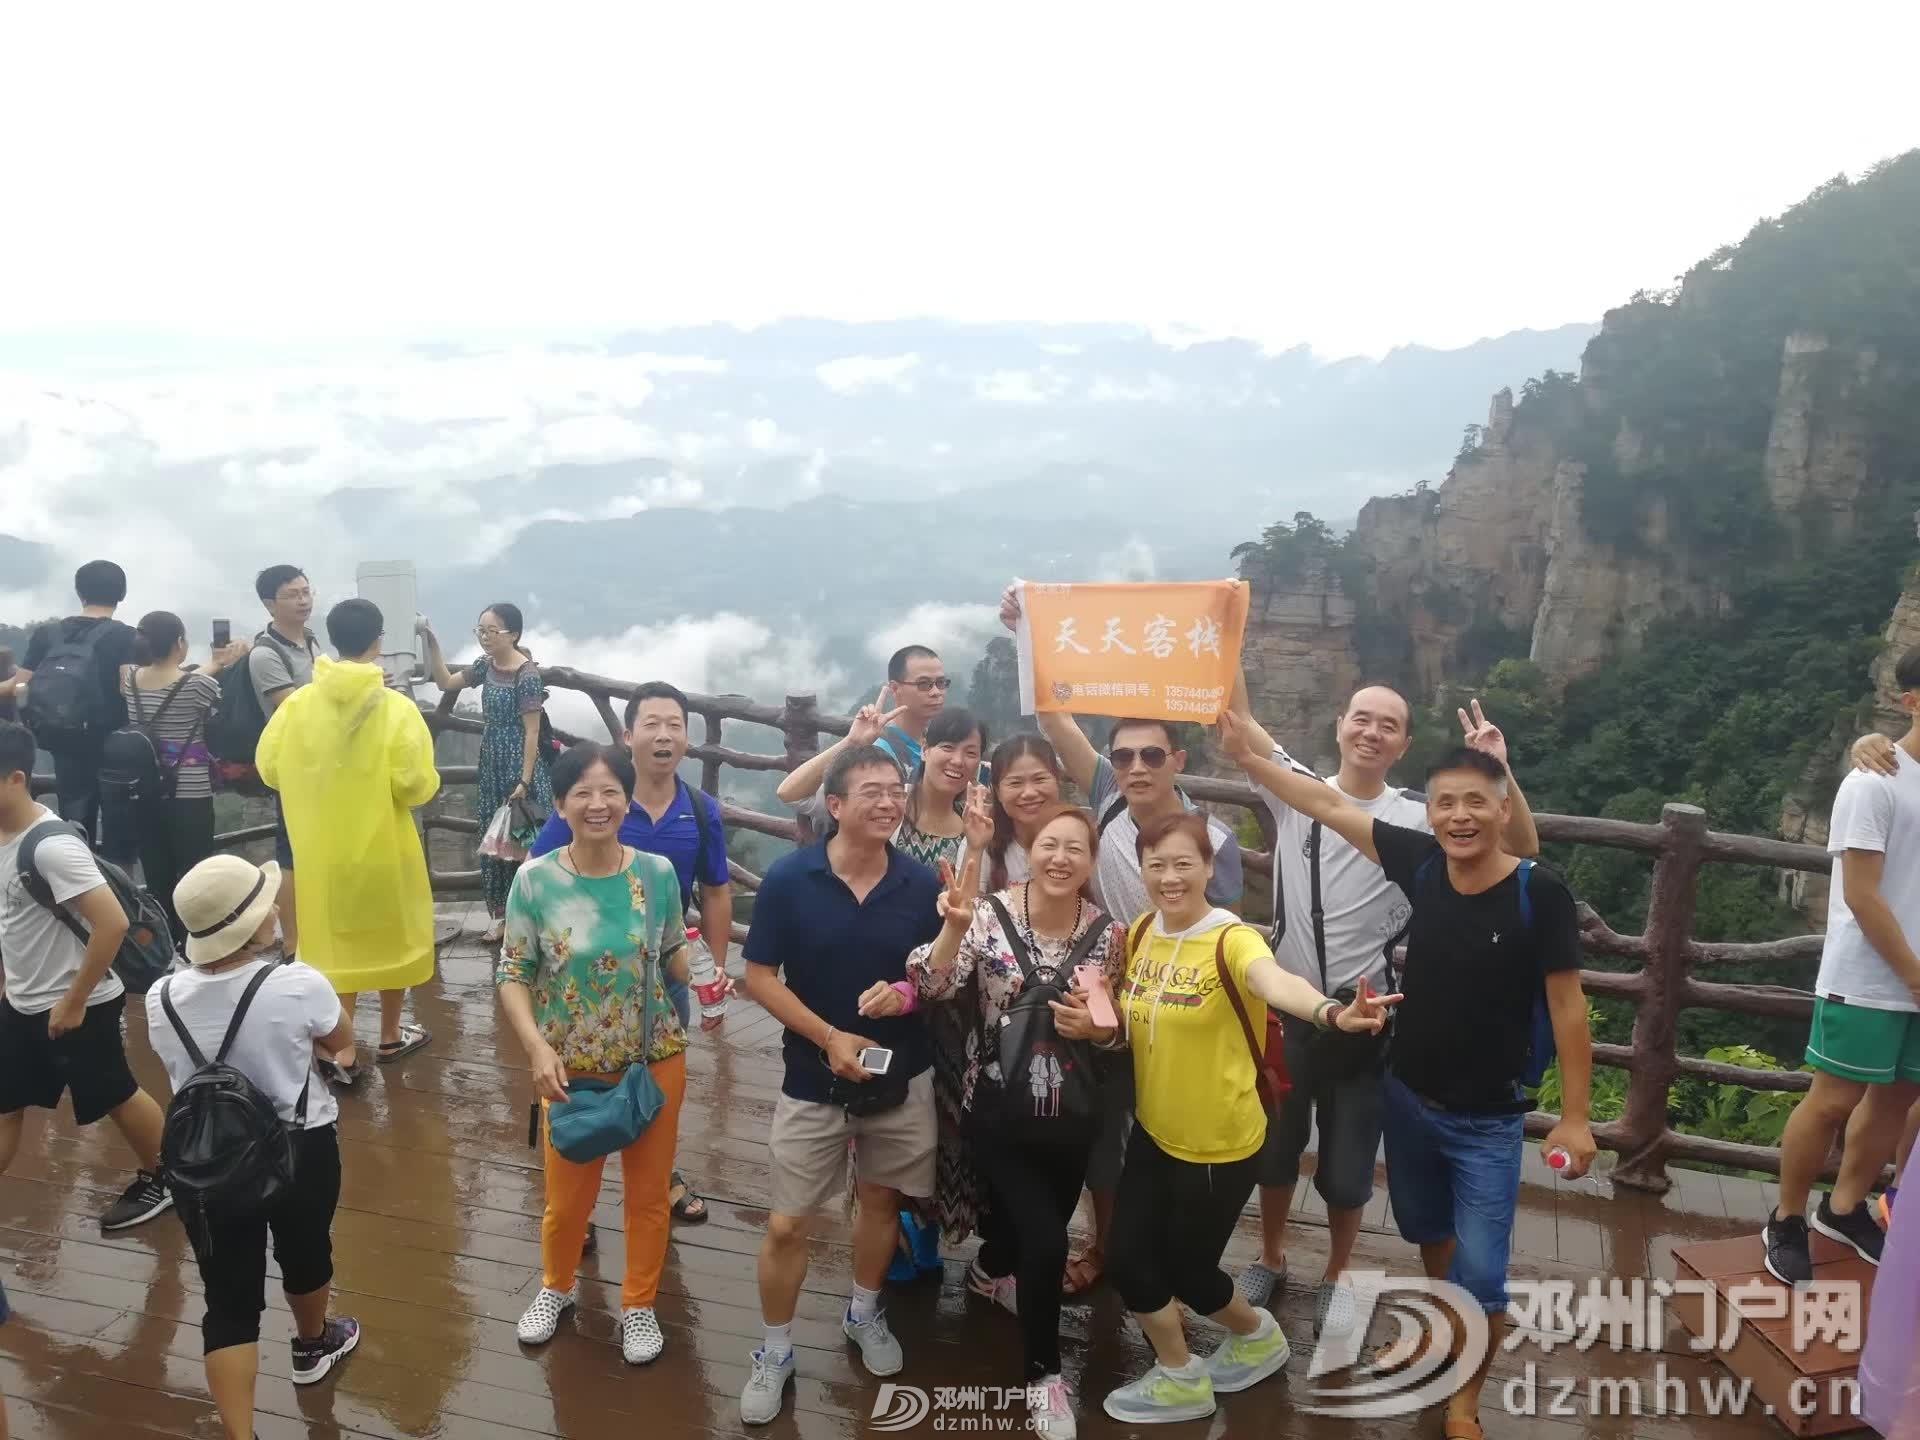 一起去有山有水的张家界过土味新年 - 邓州门户网|邓州网 - QQ图片20190104130757.jpg